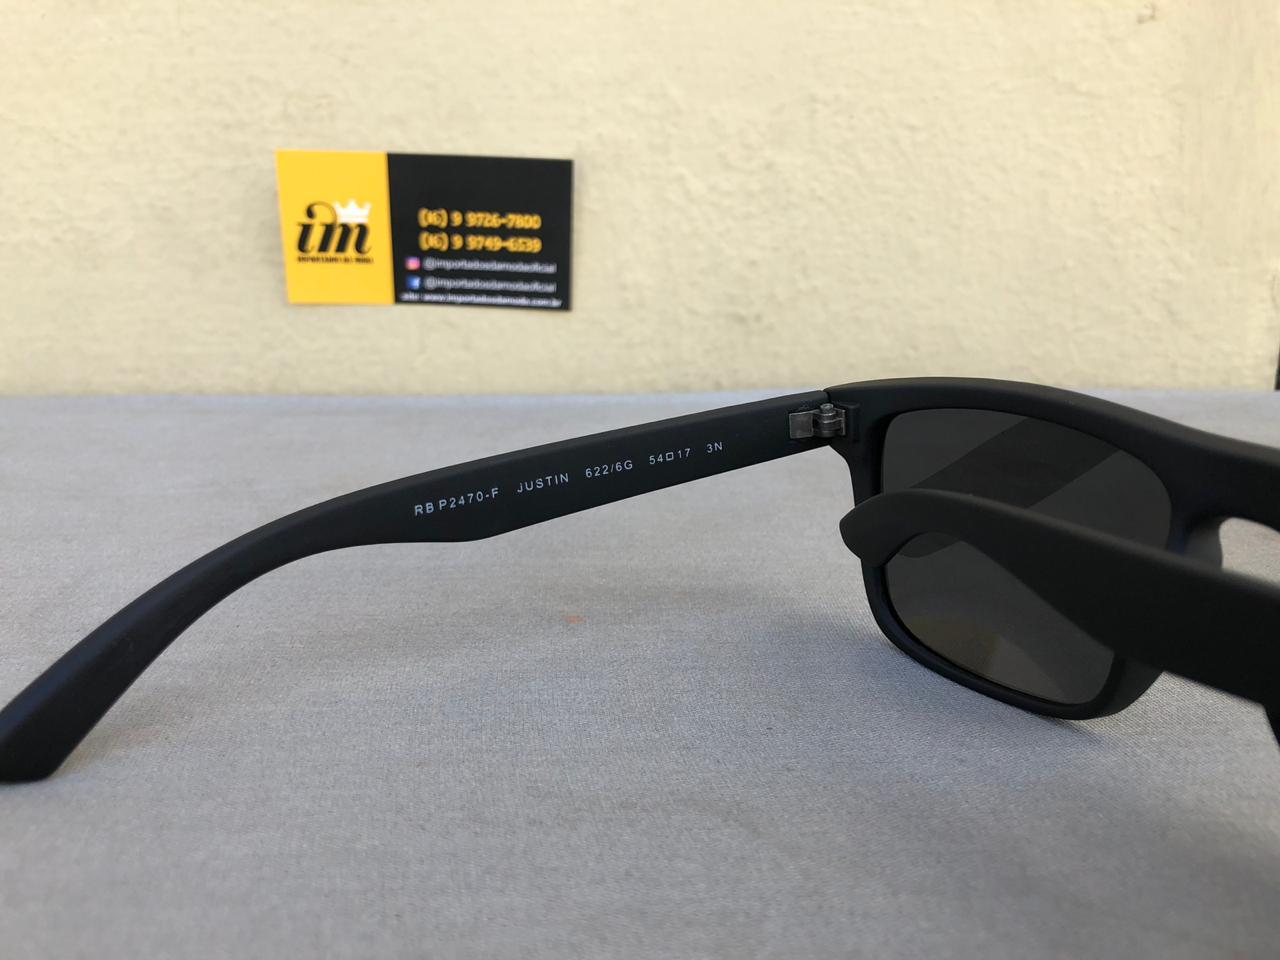 ray ban justin oculos de sol replica primeira linha importados da moda 3